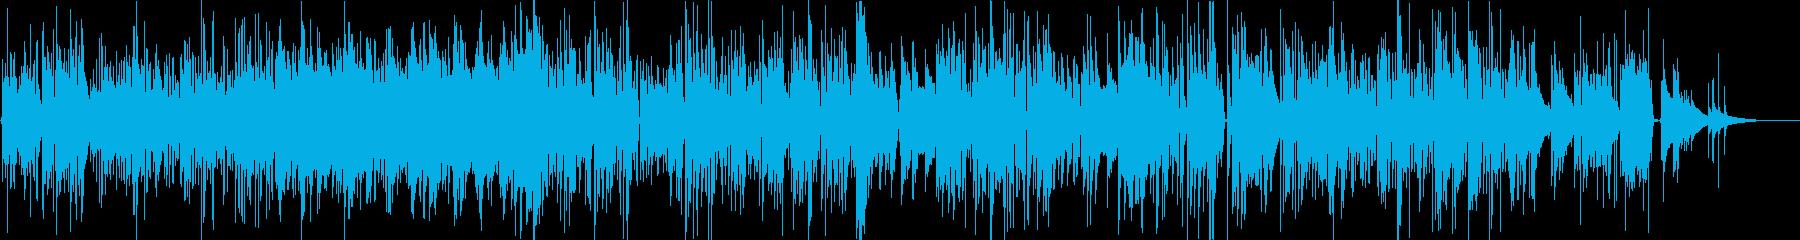 ブルース、カントリー調のギターBGMの再生済みの波形